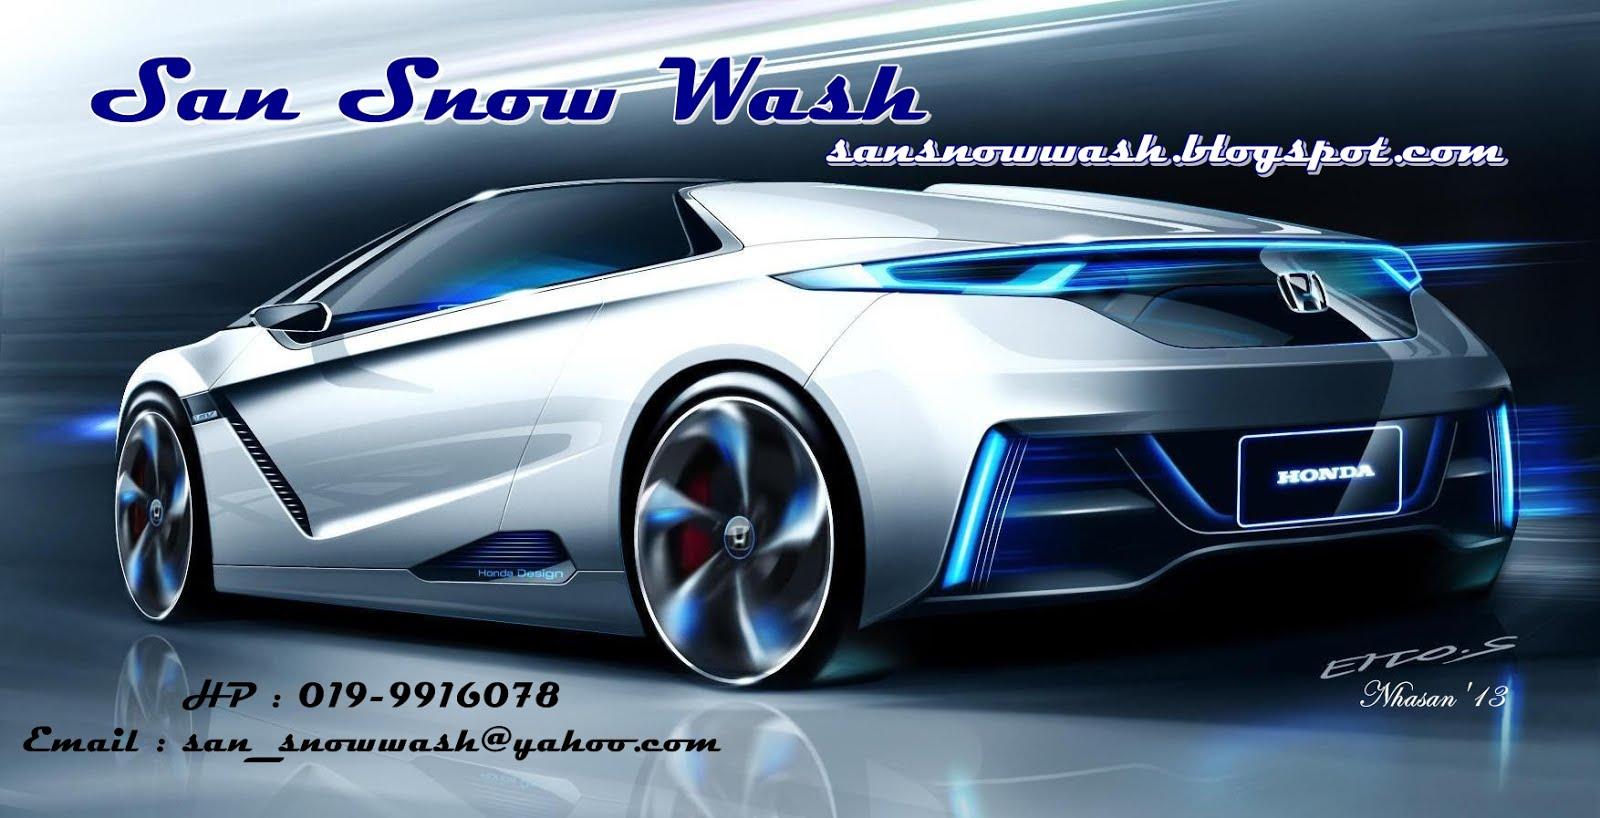 San Snow Wash